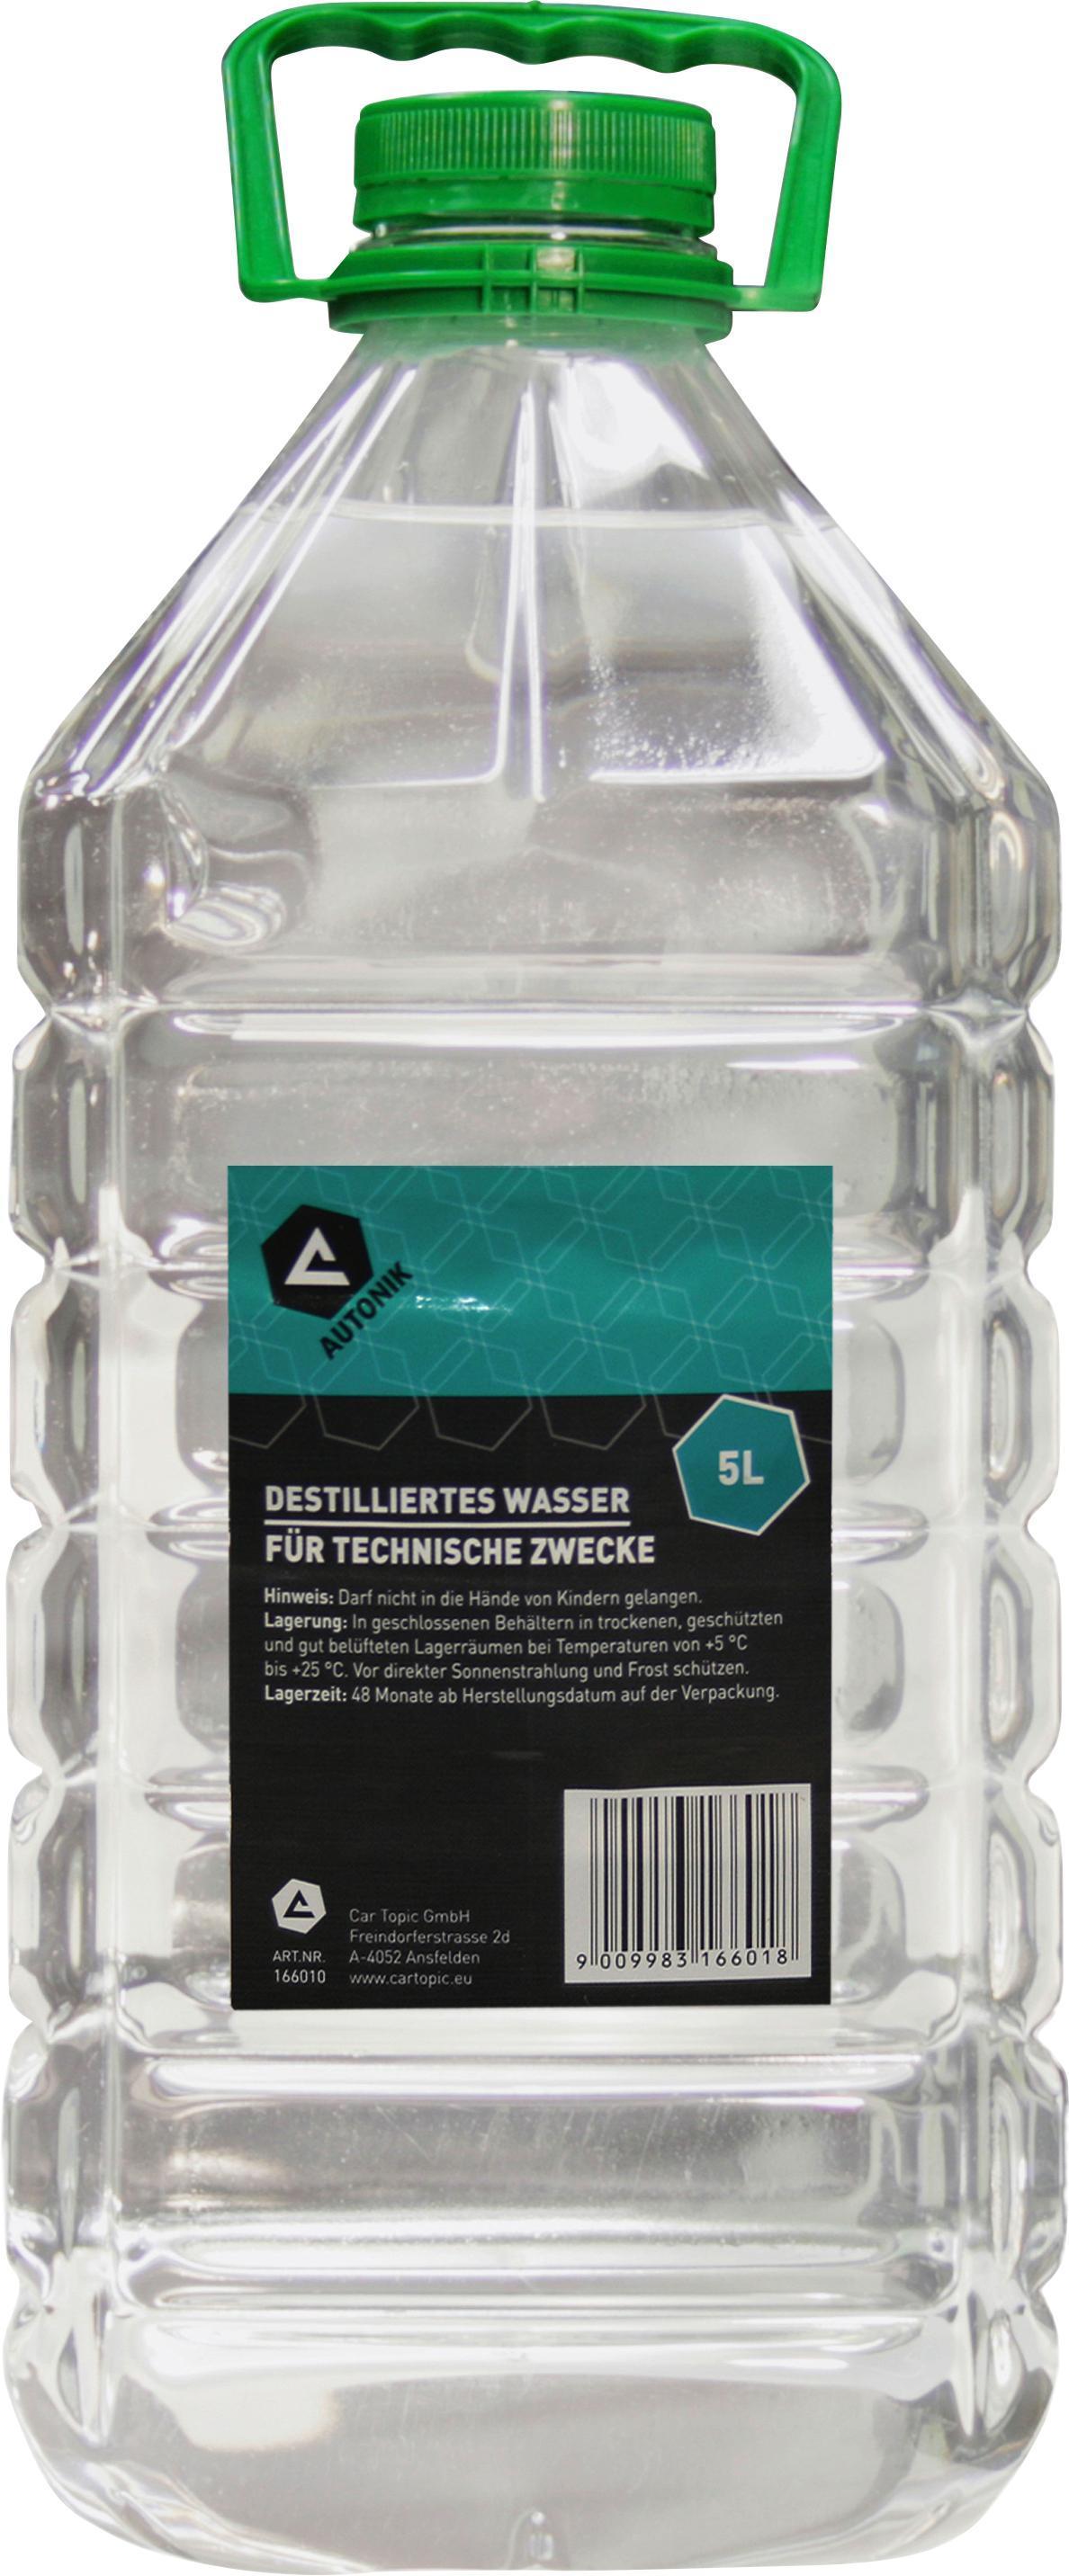 Destilliertes wasser liter online kaufen ➤ möbelix